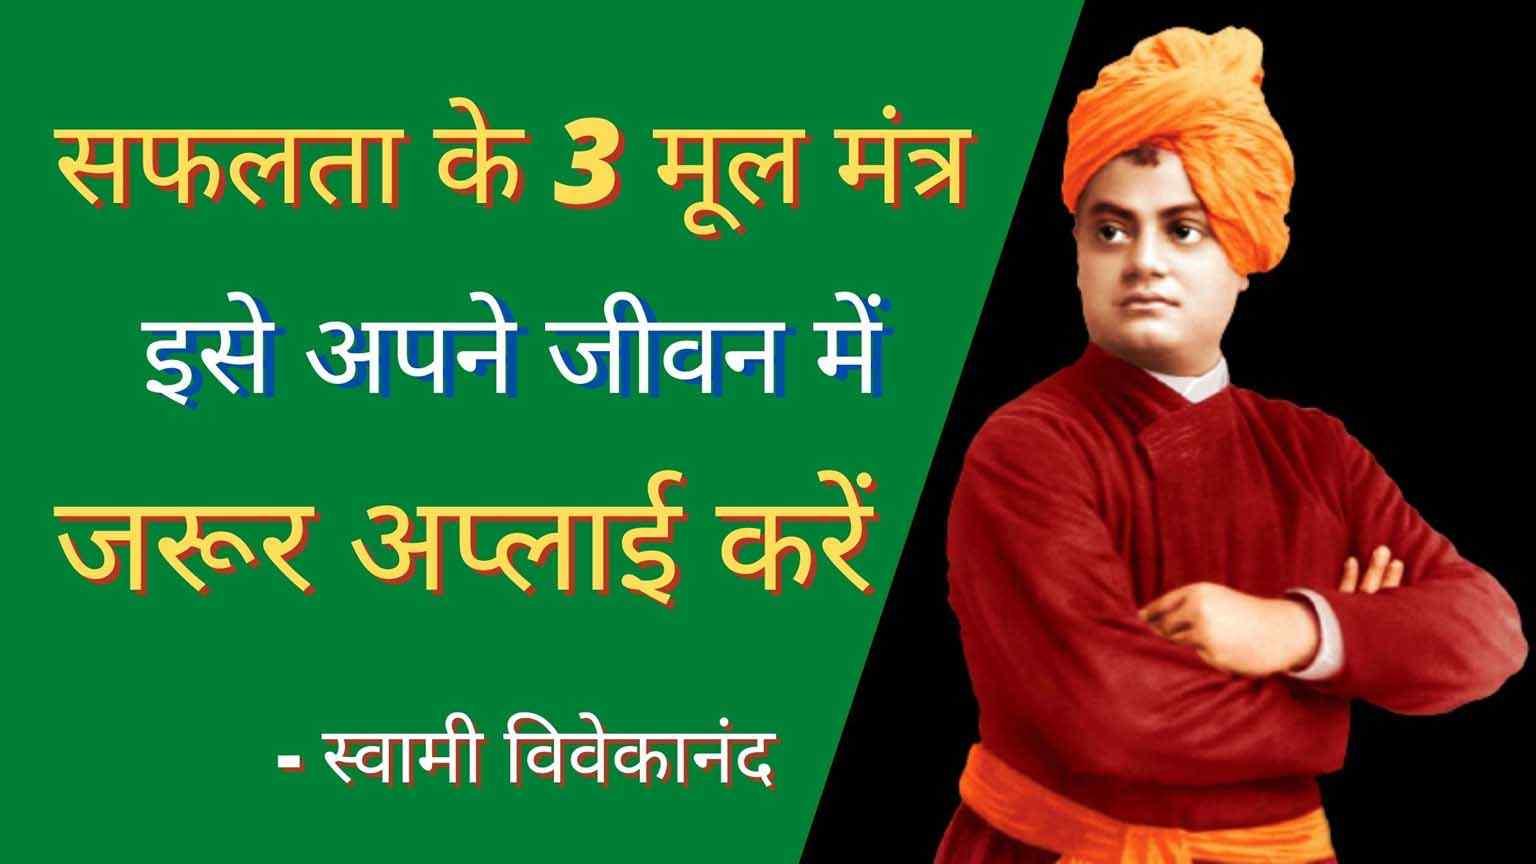 Swami Vivekananda inspiring ideas